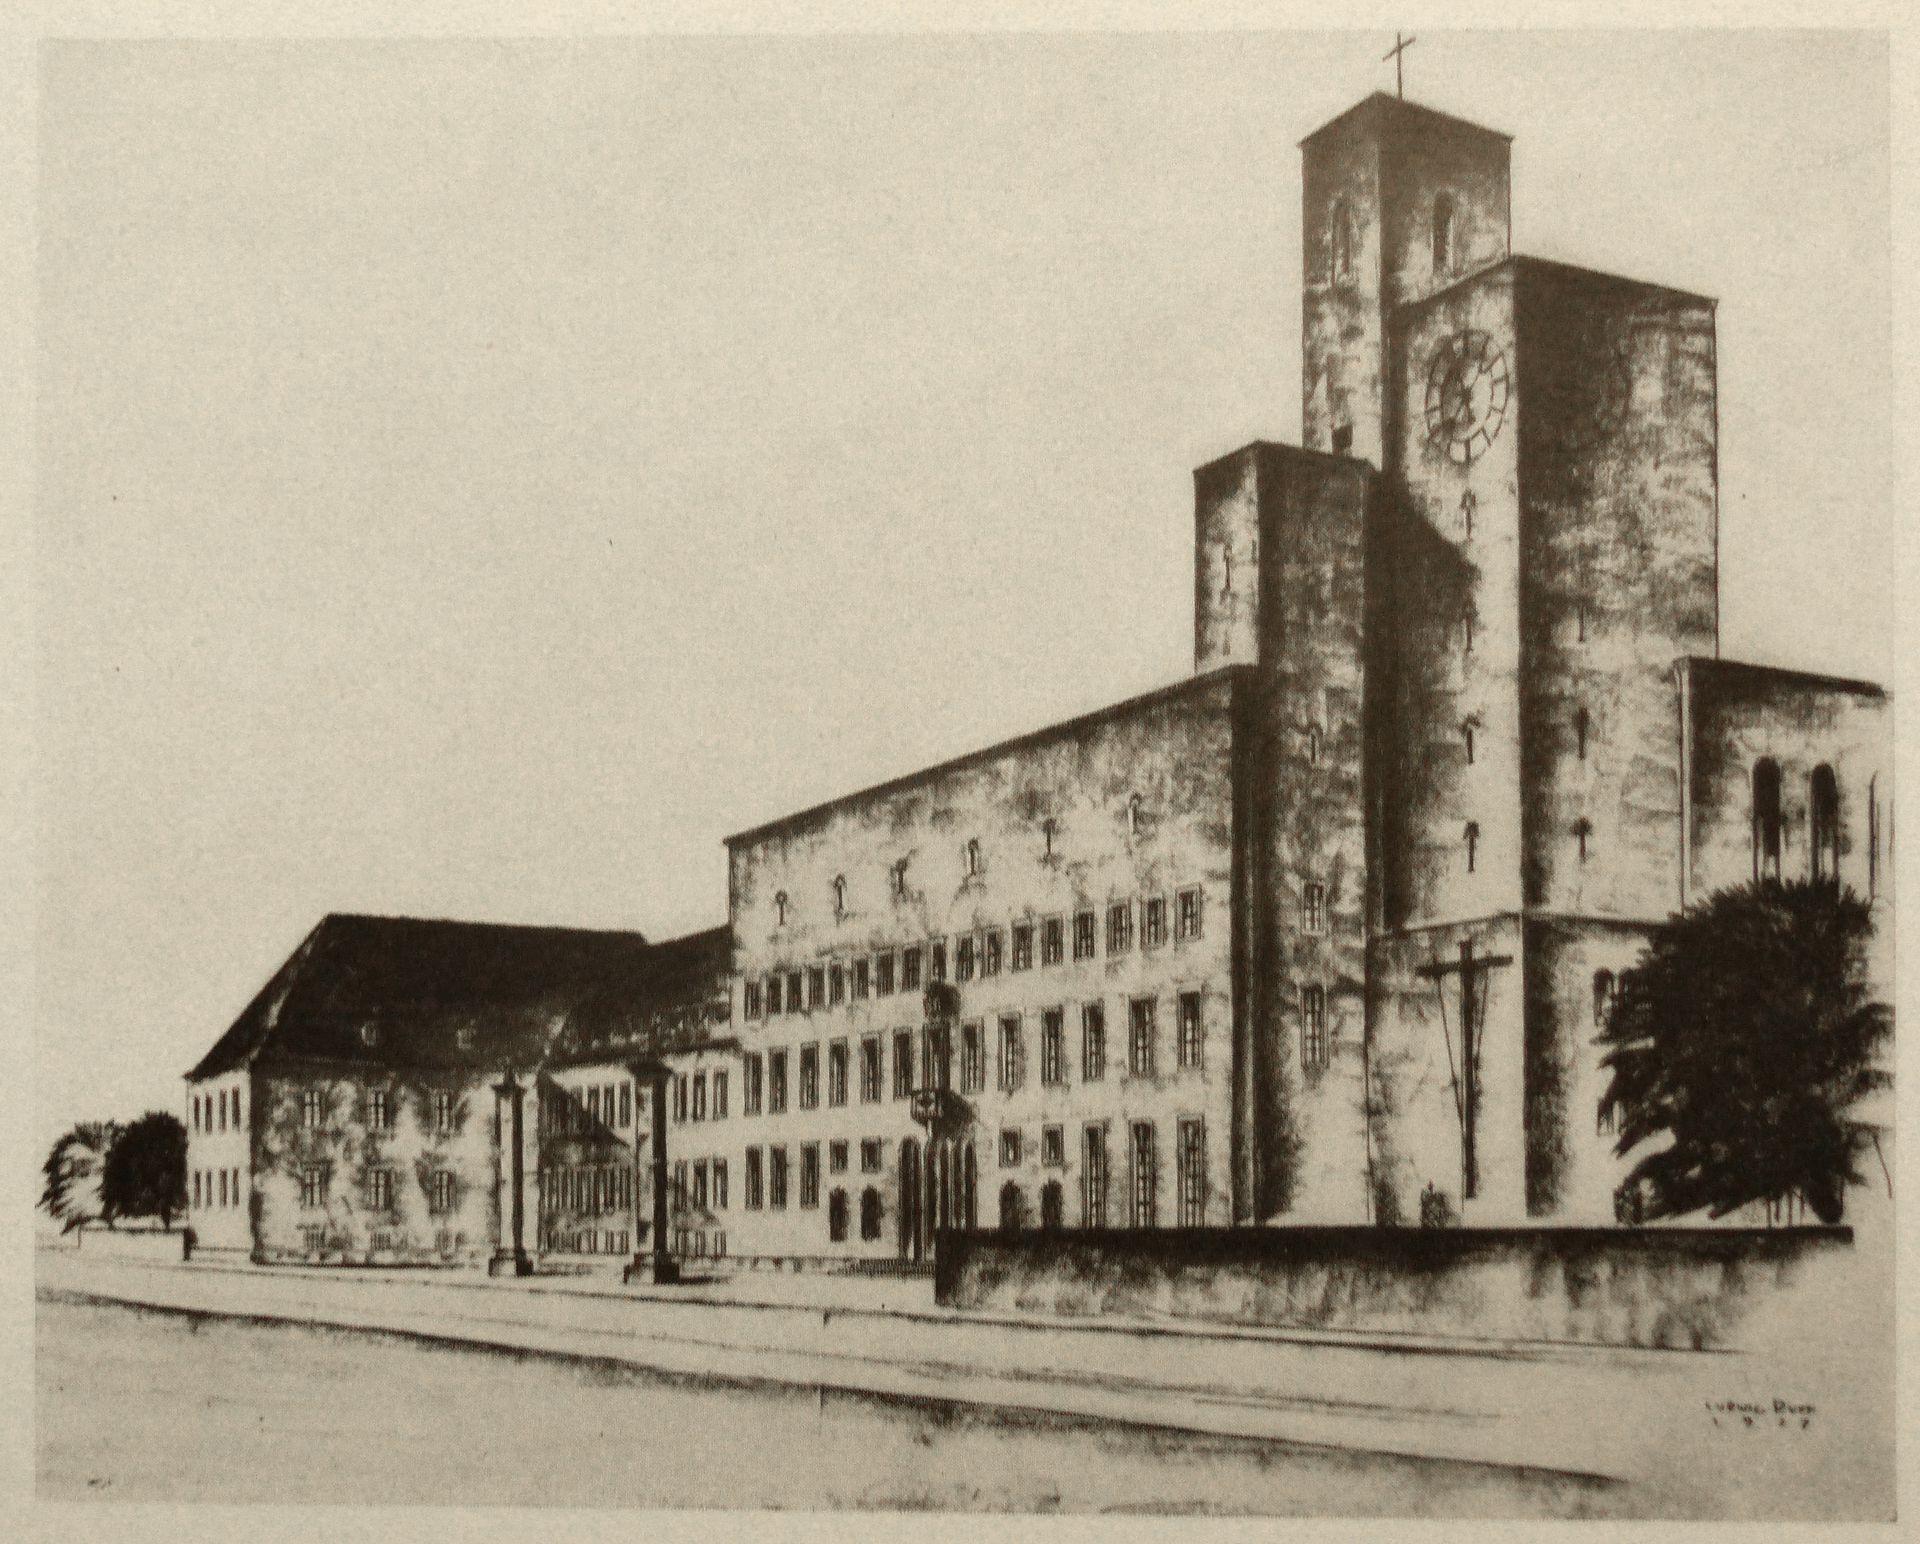 House of the diocese (Bamberg) Drawing of 1927 / / fig. from Nürnberger Kunst der Gegenwart, Rosenmüller, 1928